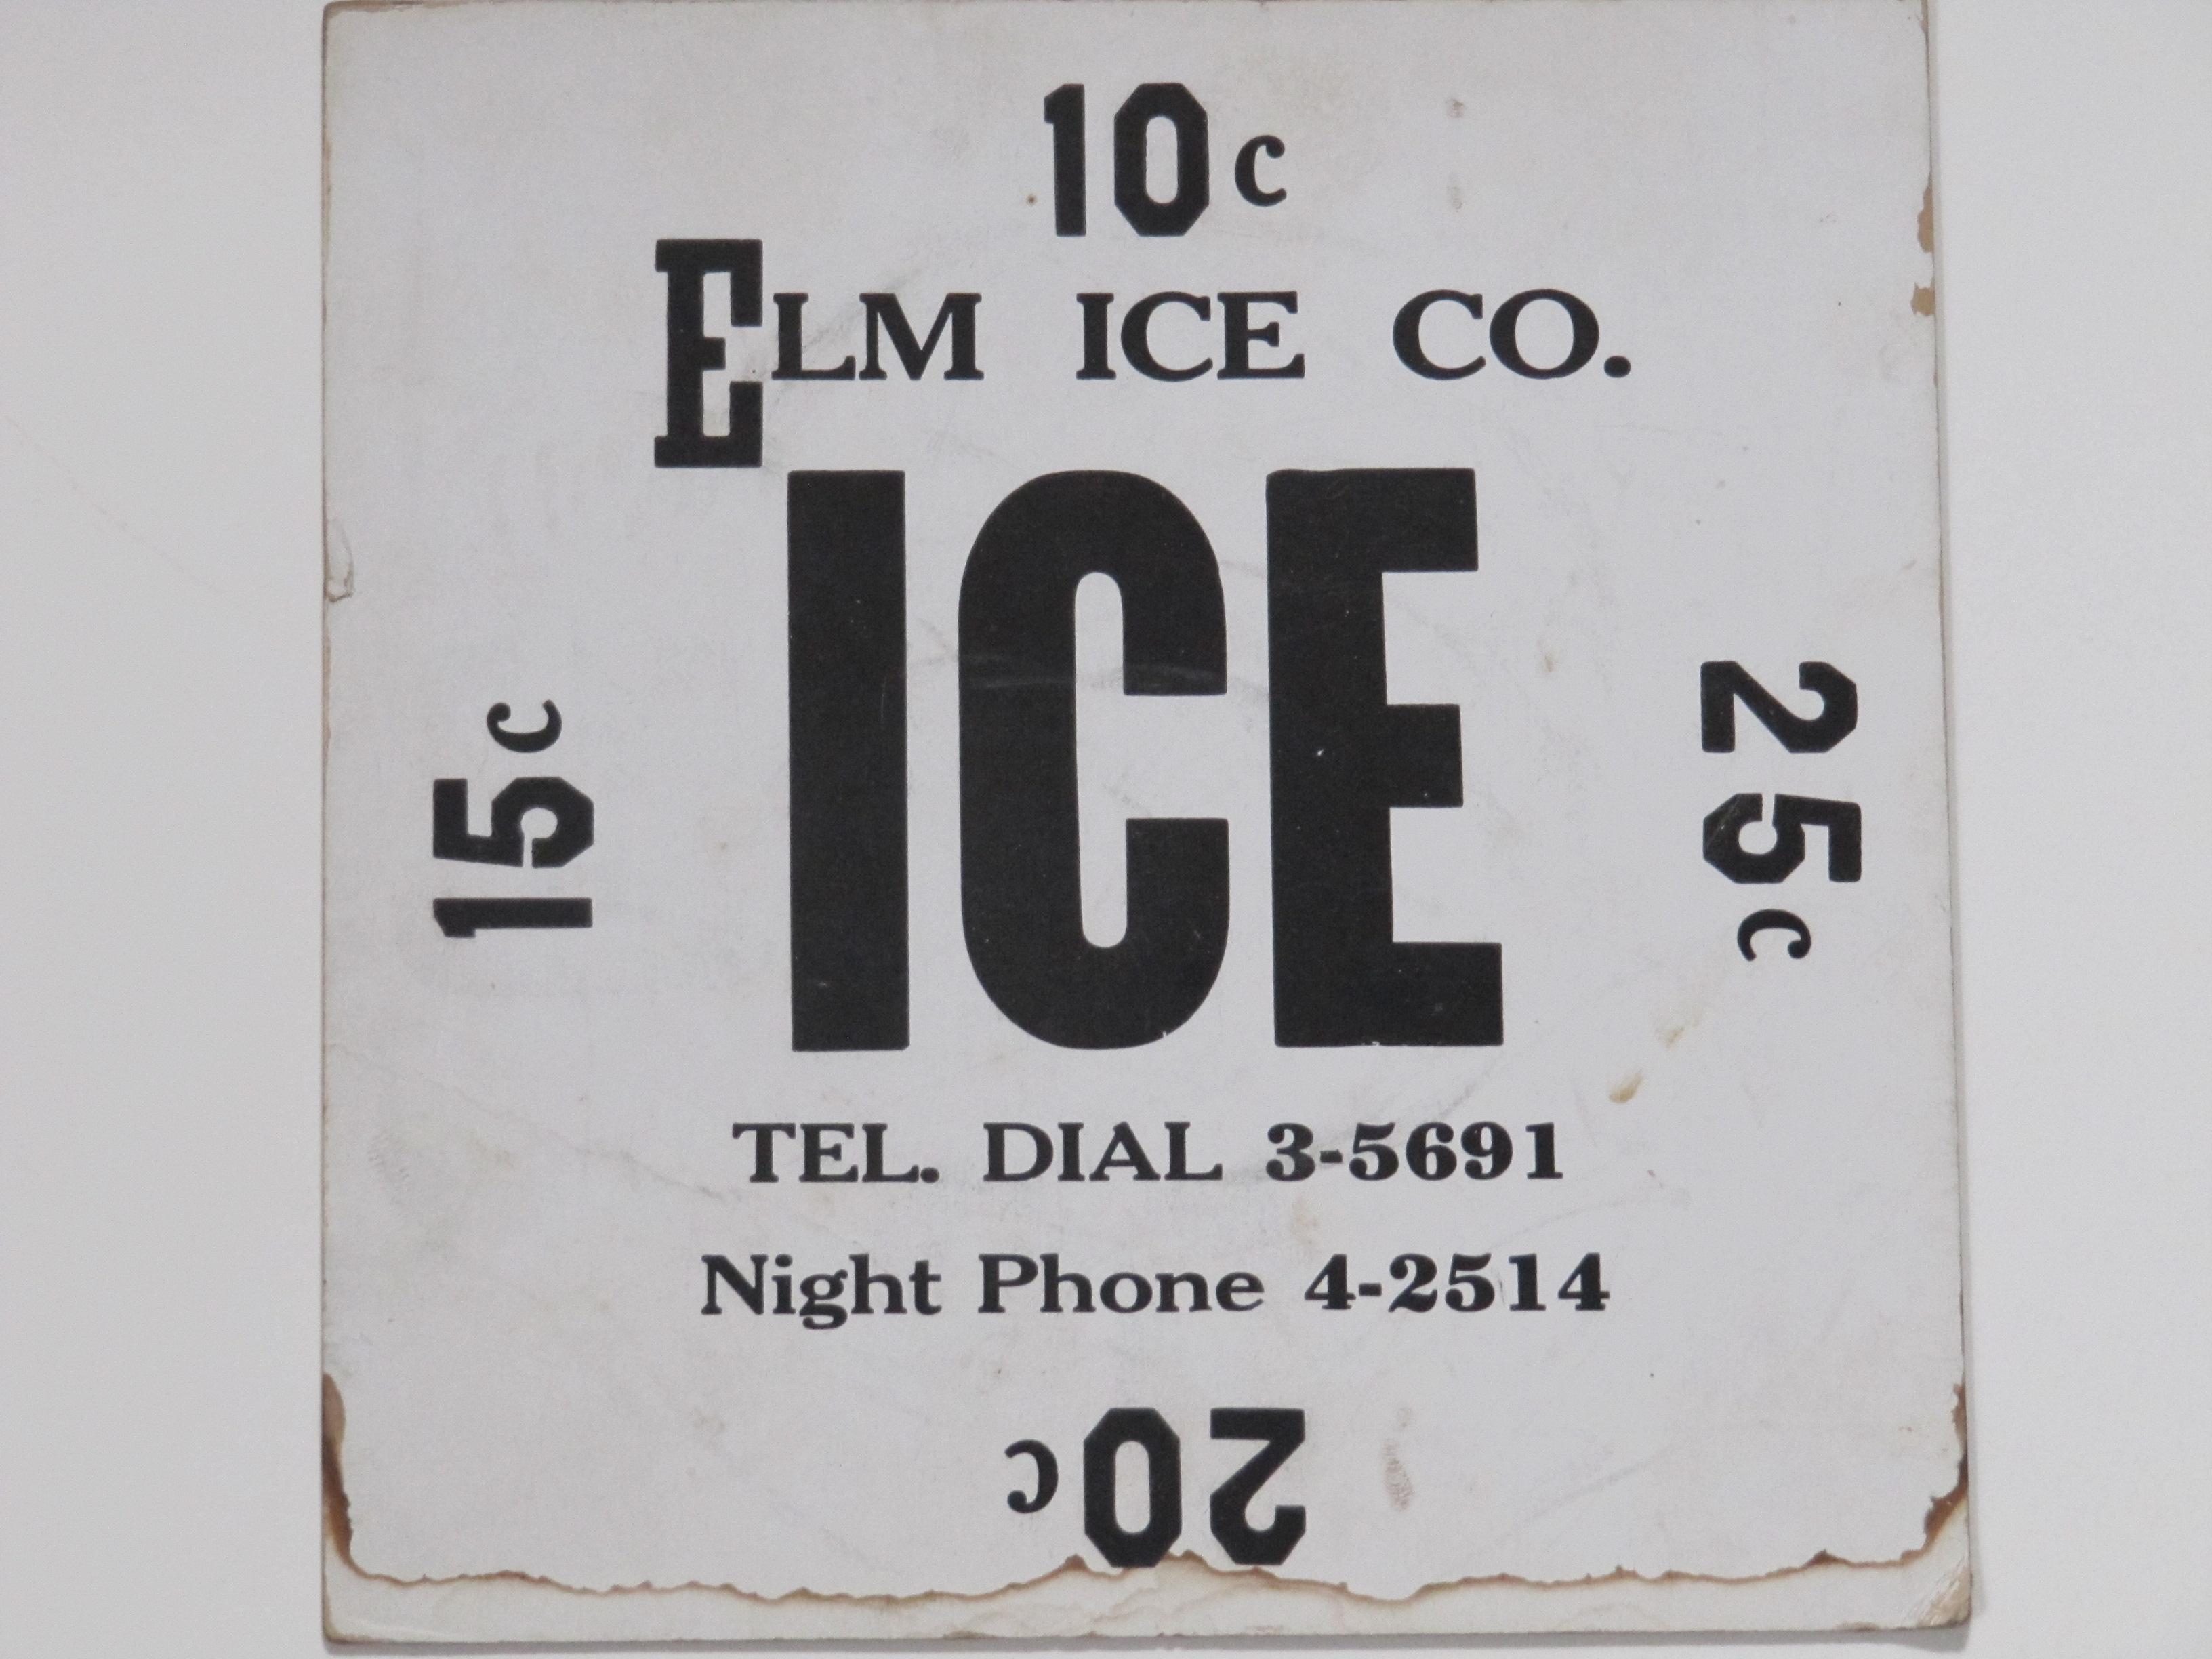 Elm Ice Co.